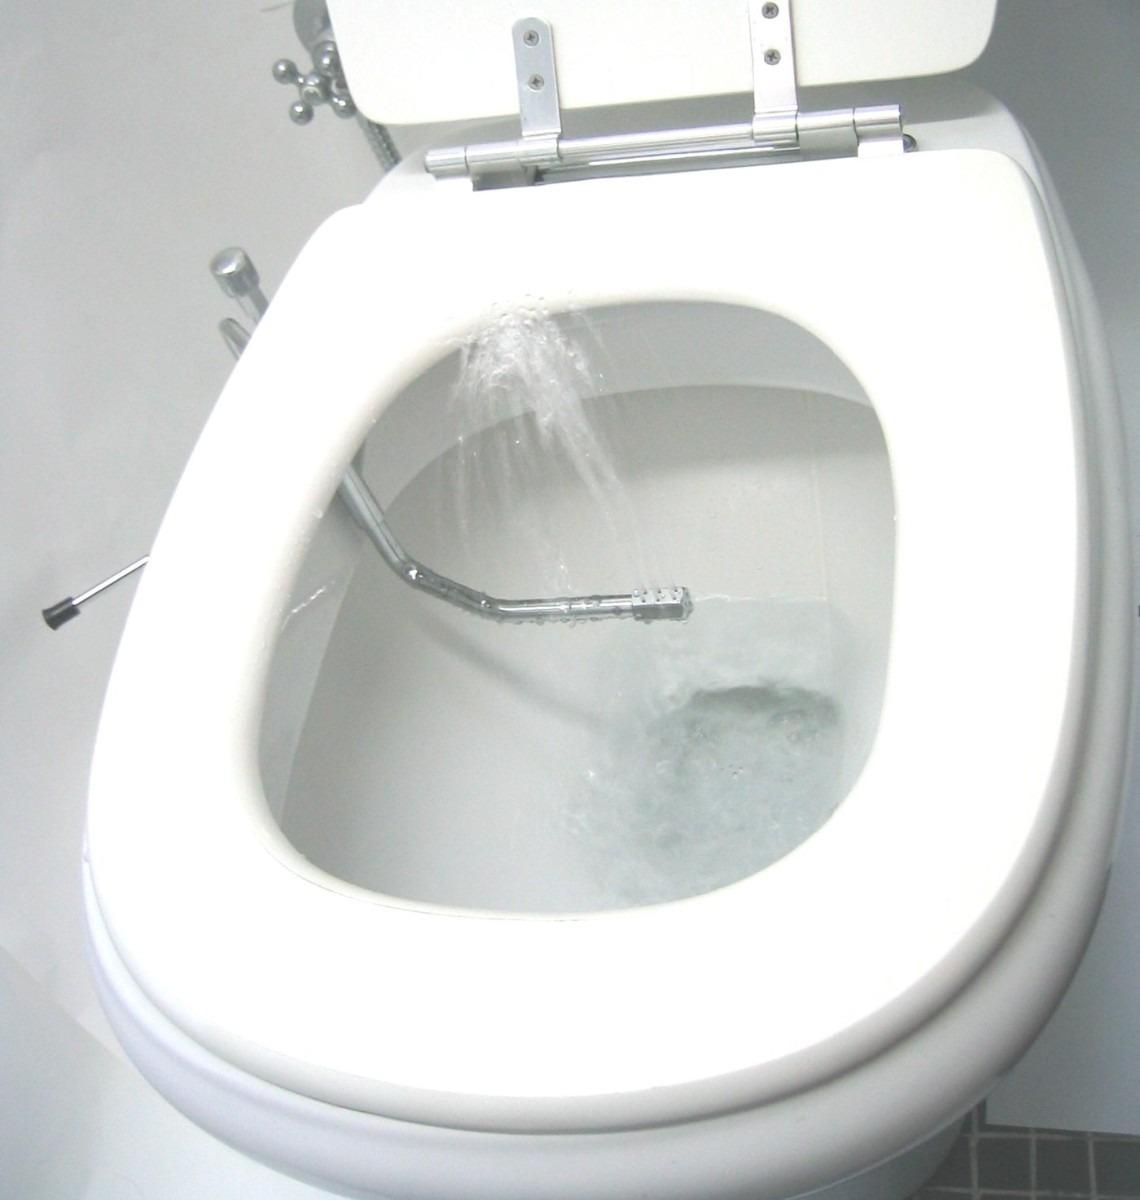 Ducha Acoplada Ao Vaso Sanitário R$ 295 00 em Mercado Livre #60646B 1140x1200 Banheiro Branco Com Vaso Sanitario Preto